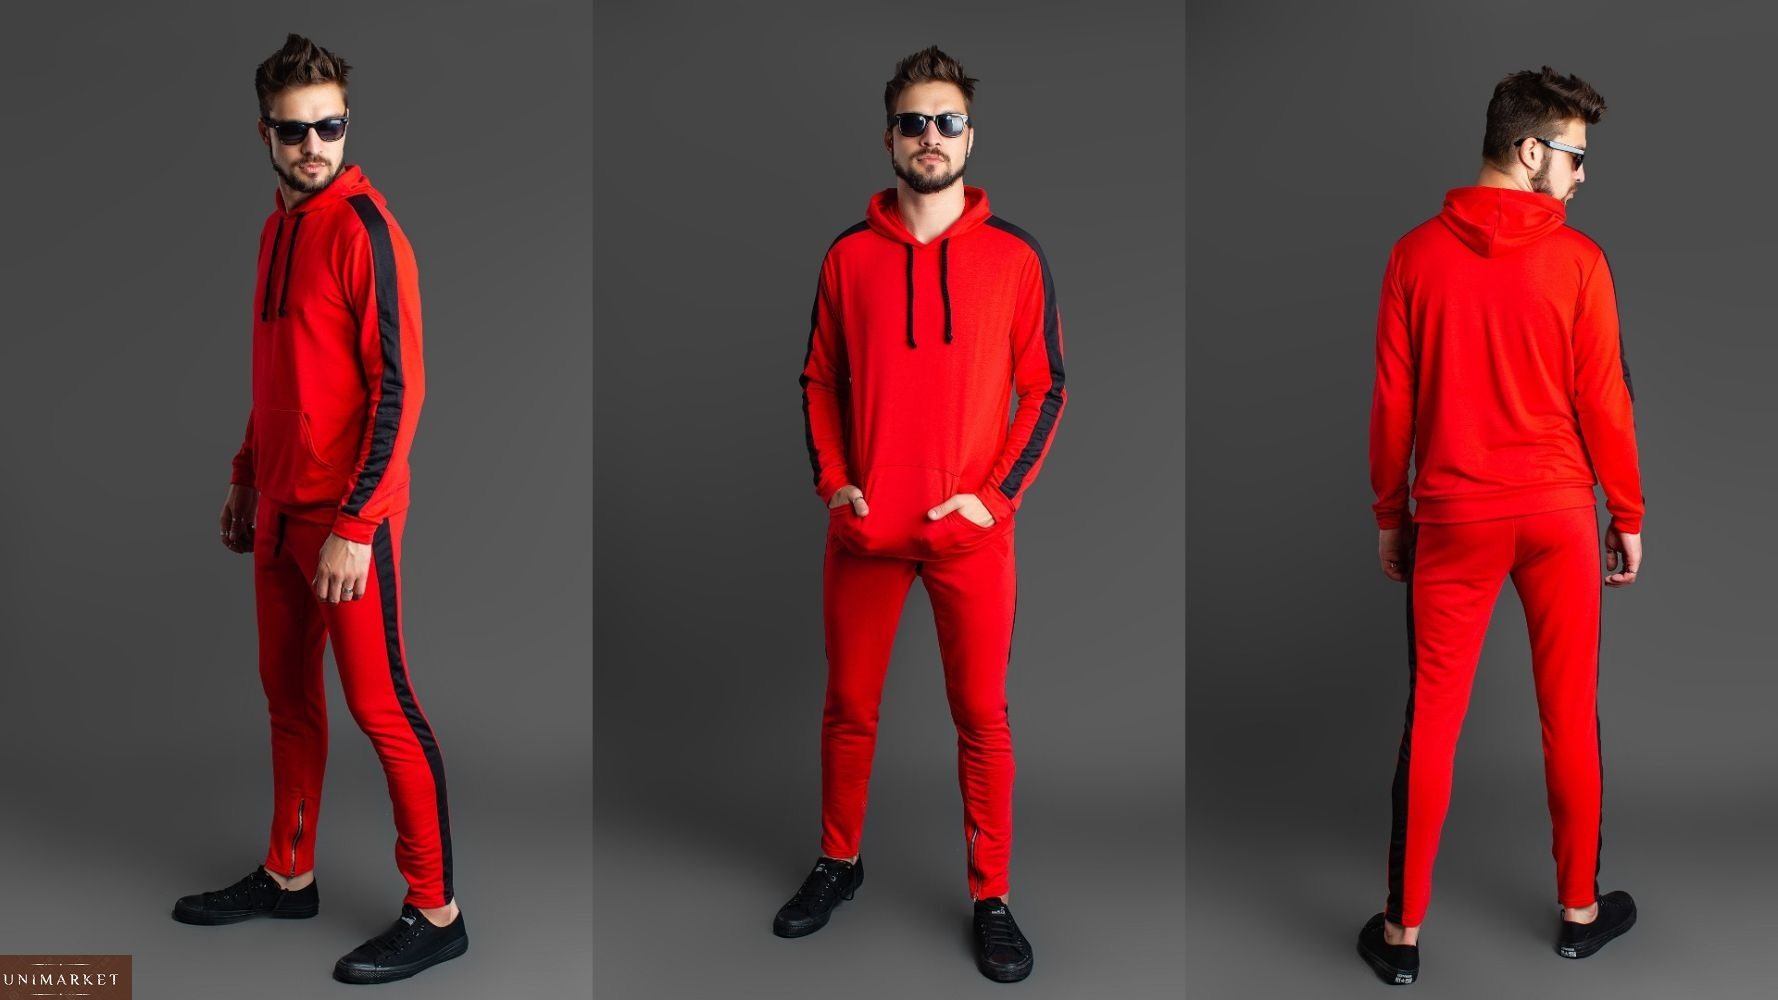 6720af8a05595 Мужской Спортивный костюм с лампасами купить в онлайн магазине ...